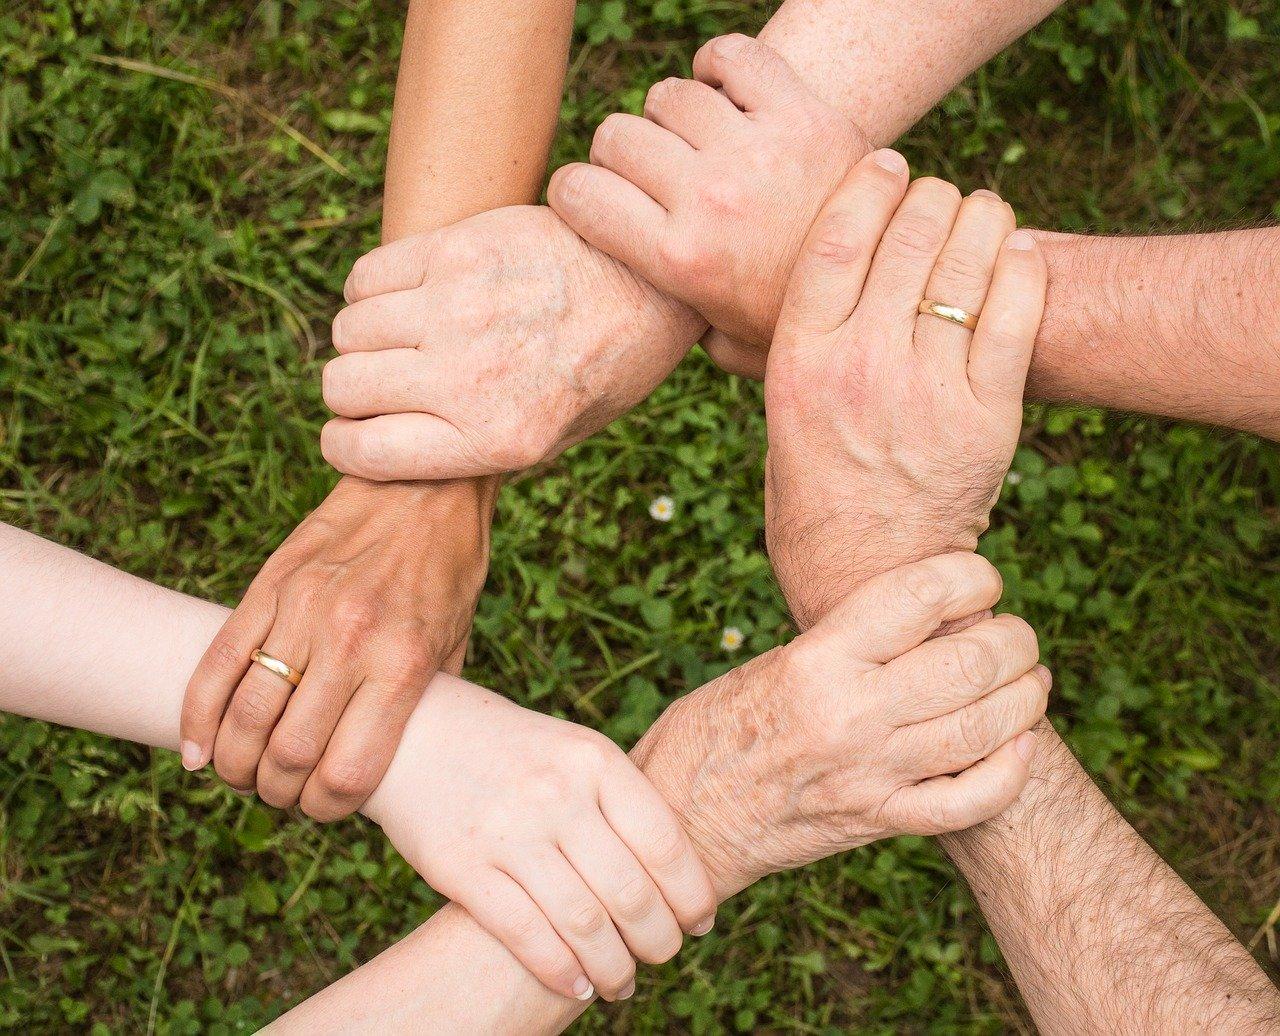 Cooperativismo no campo: conheça 4 vantagens para o produtor rural